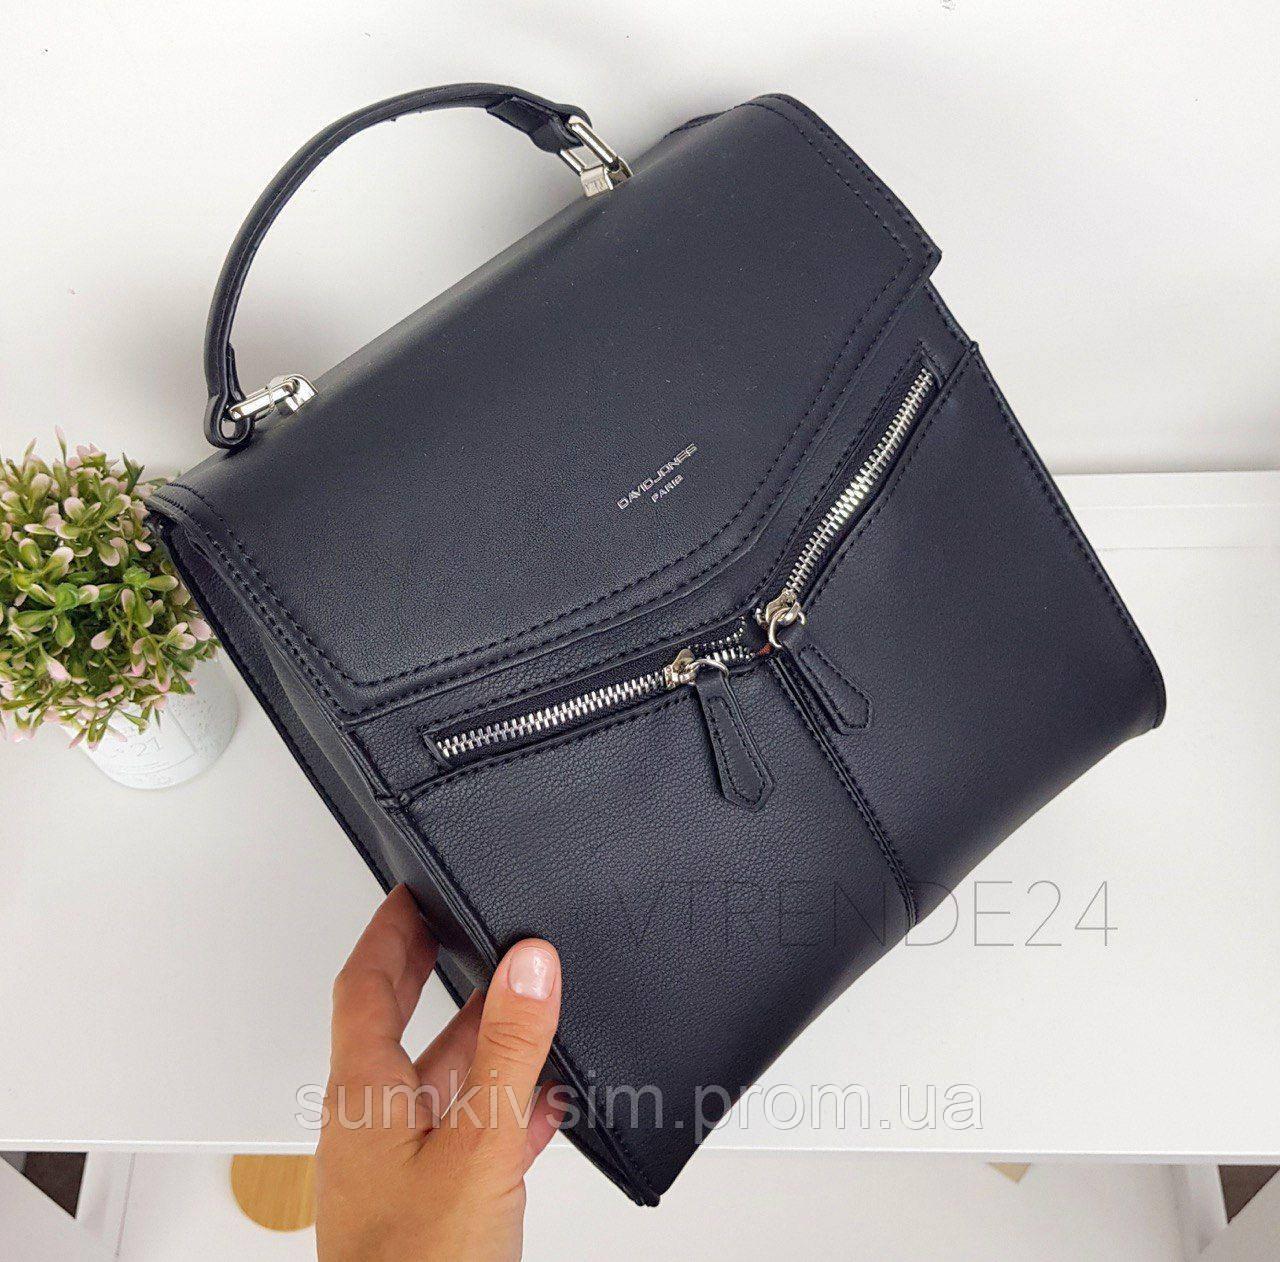 Рюкзак женский черного цвета DAVID JONES 012